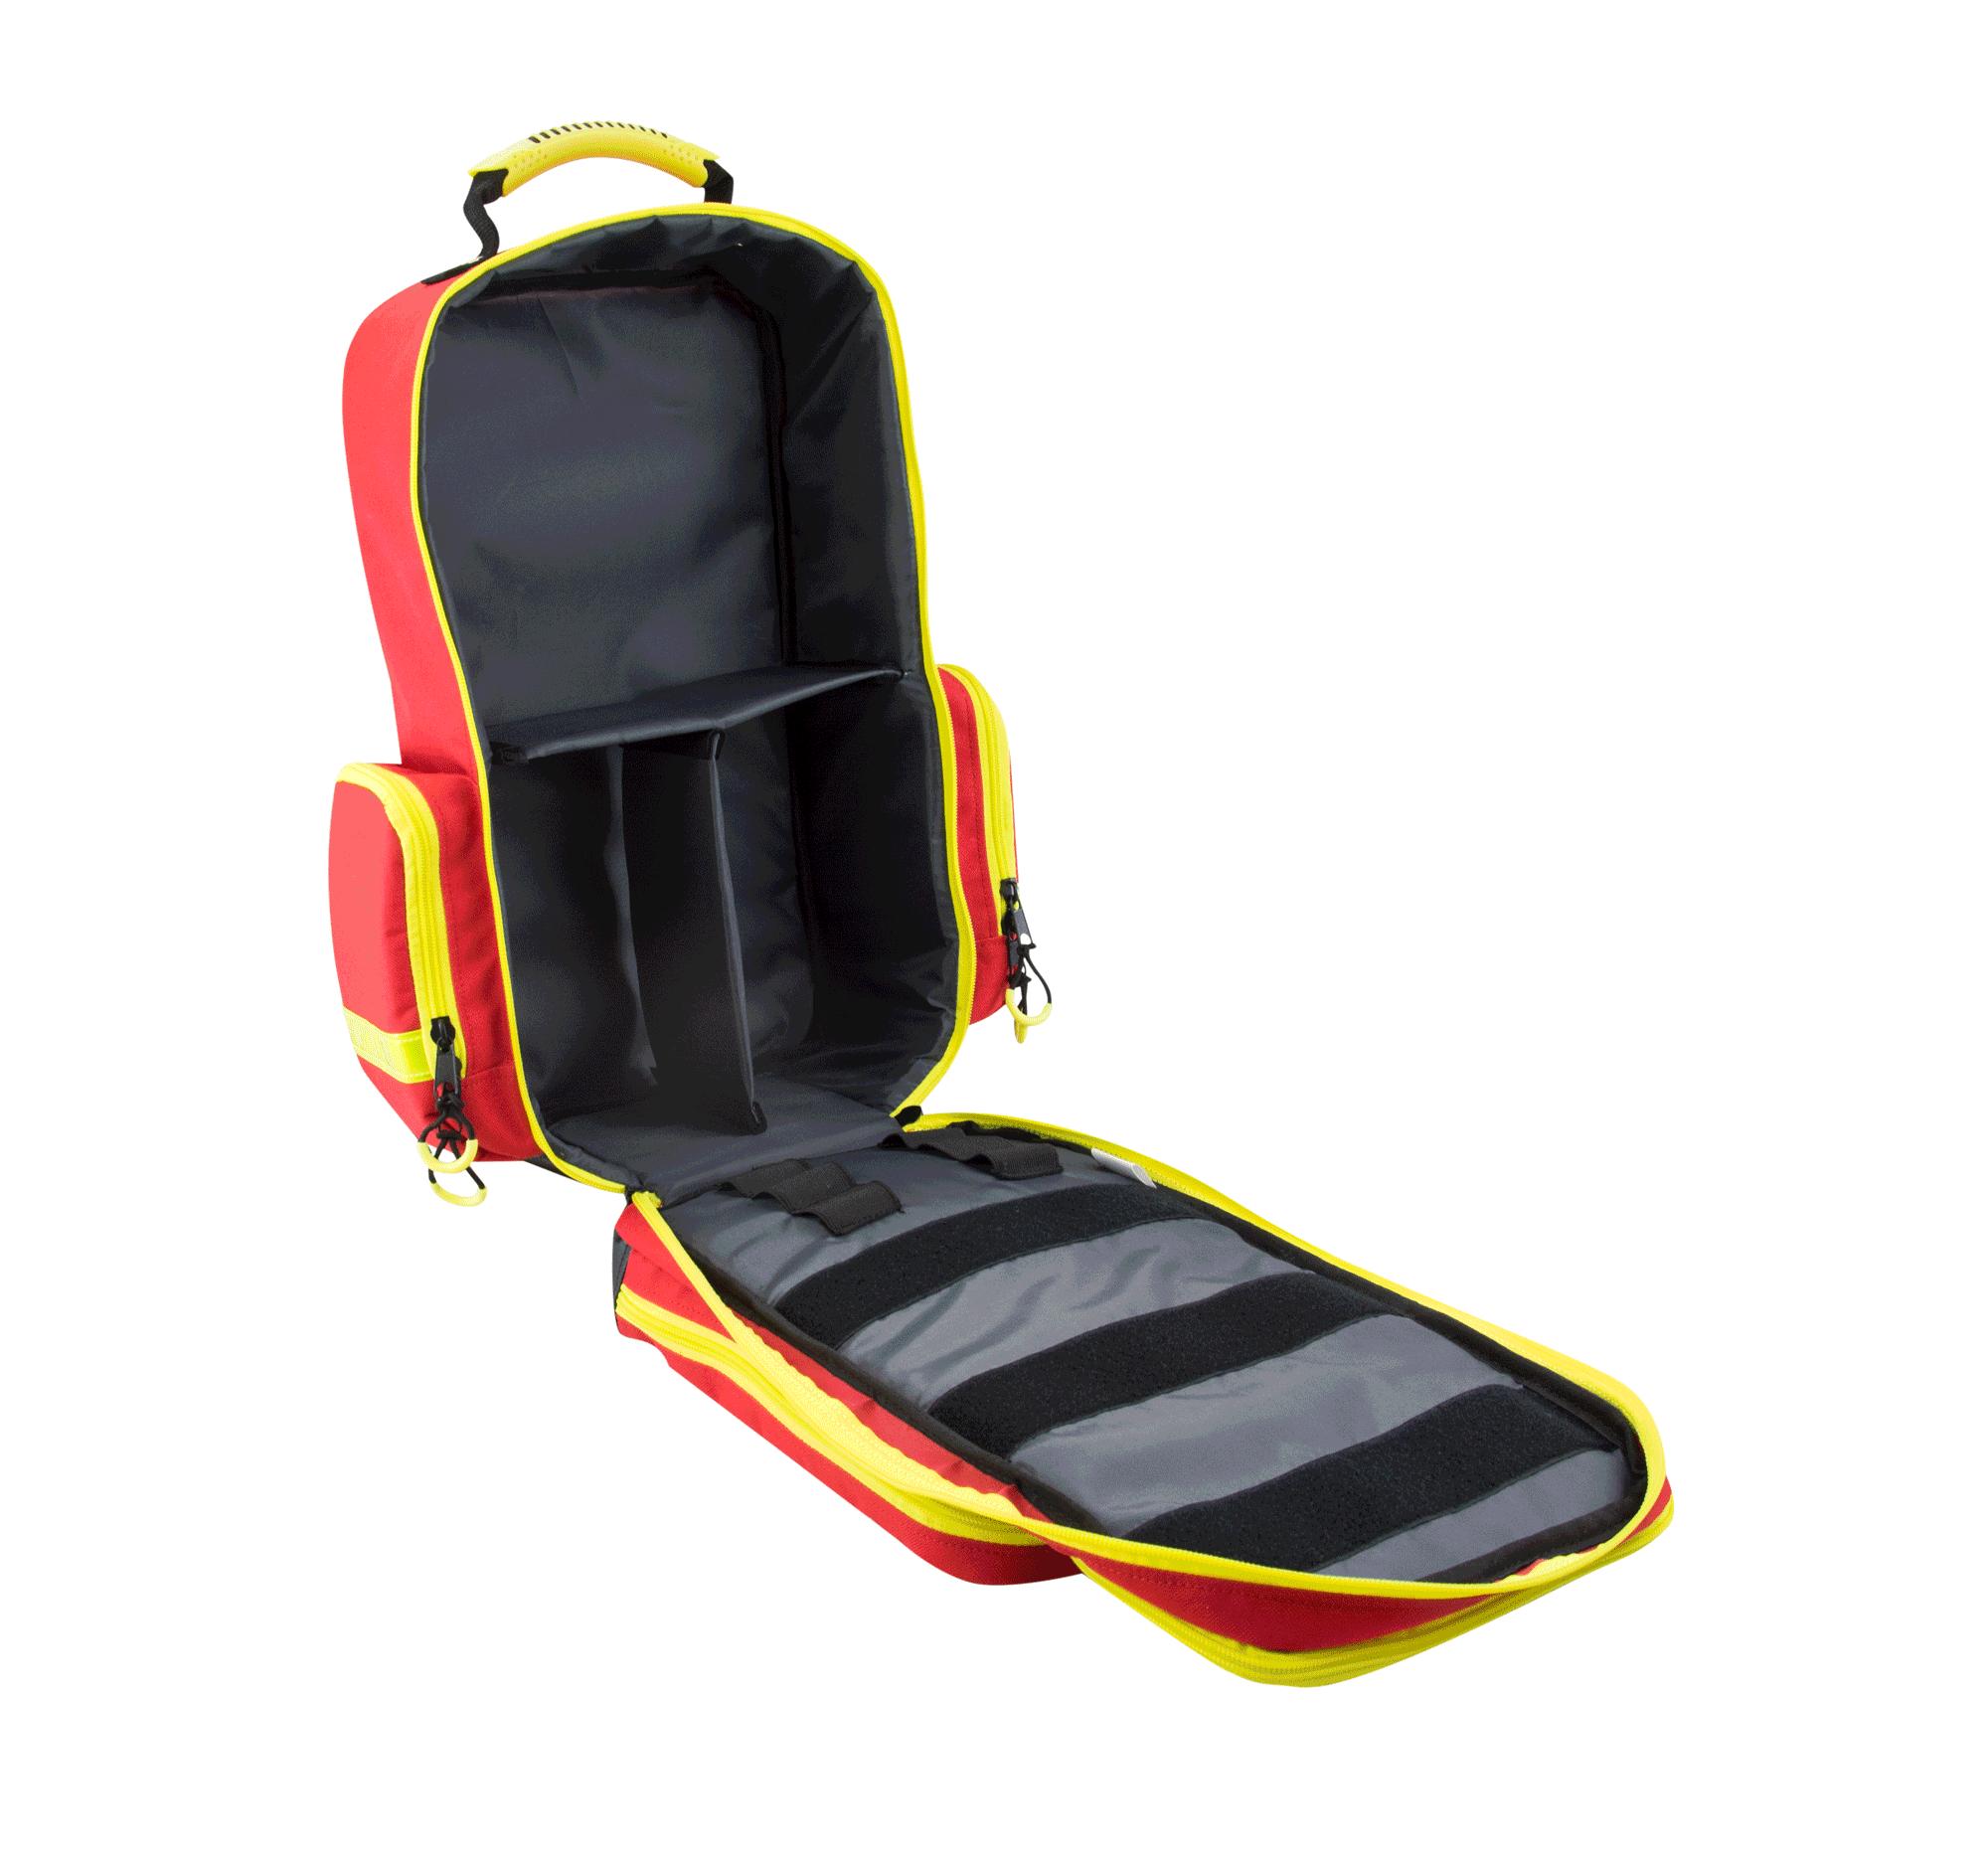 AEROcase Notfallrucksack large Pro1R PL1C Polyester